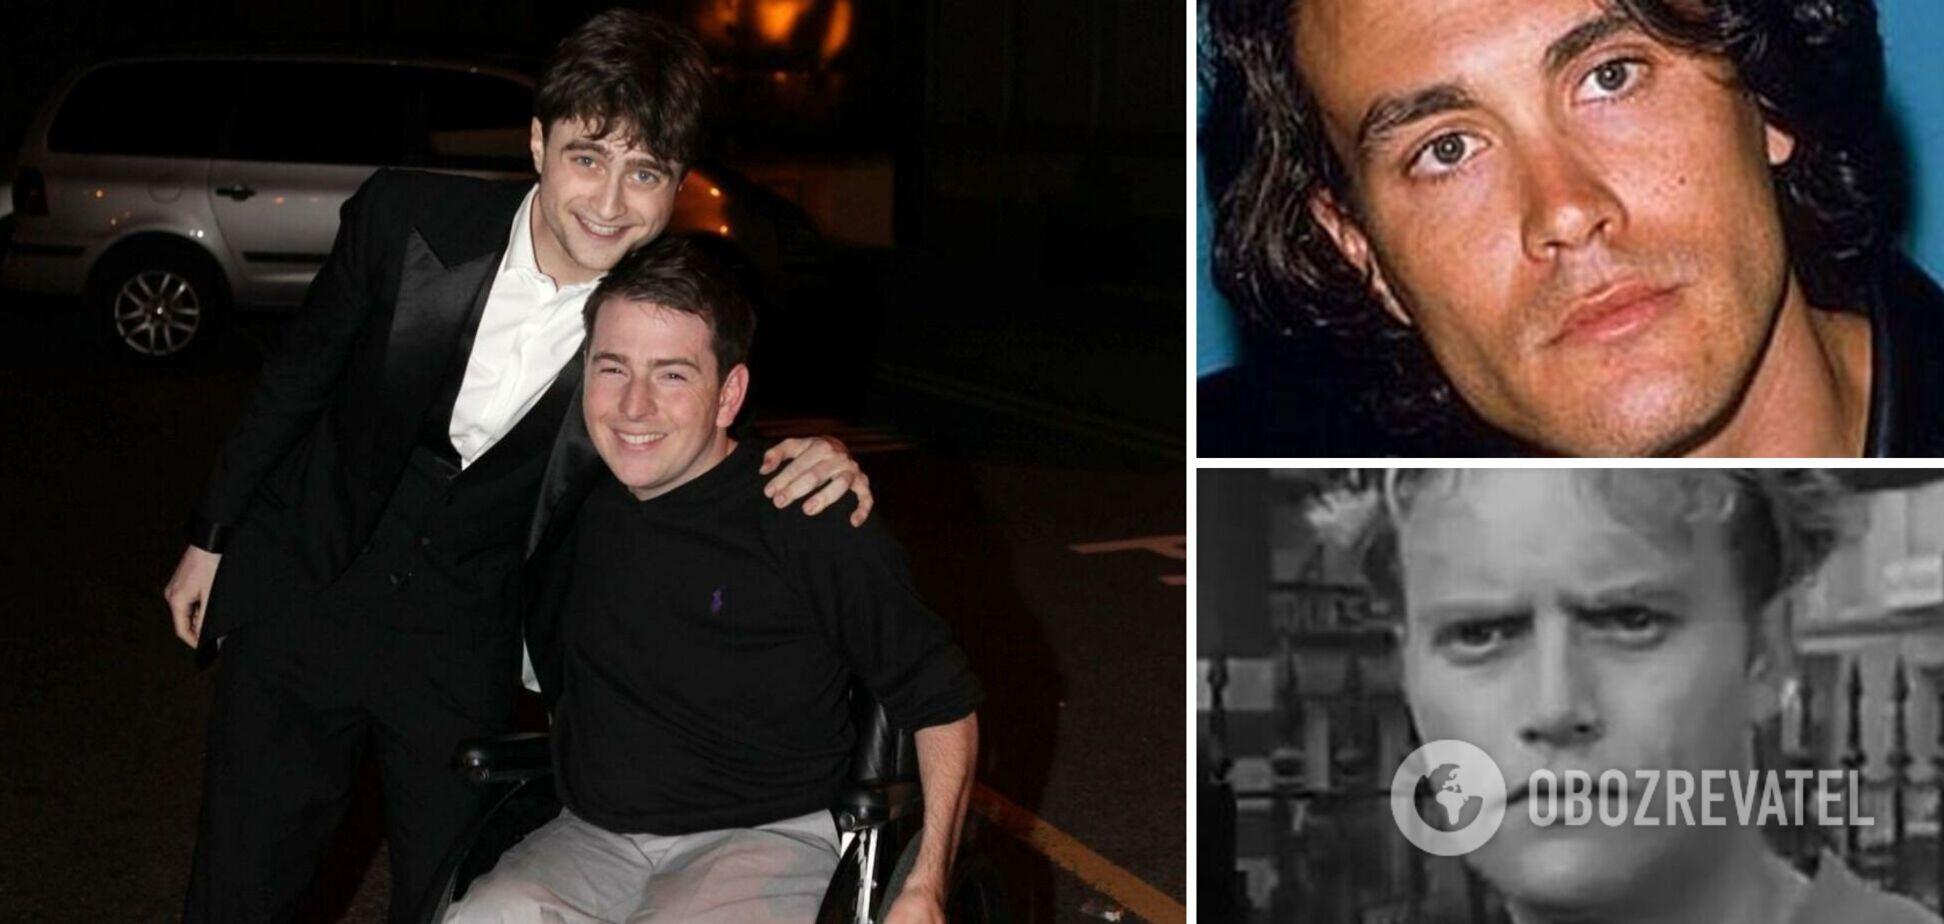 5 случайных трагедий на съемках кино, которые стоили жизни актерам. Фото